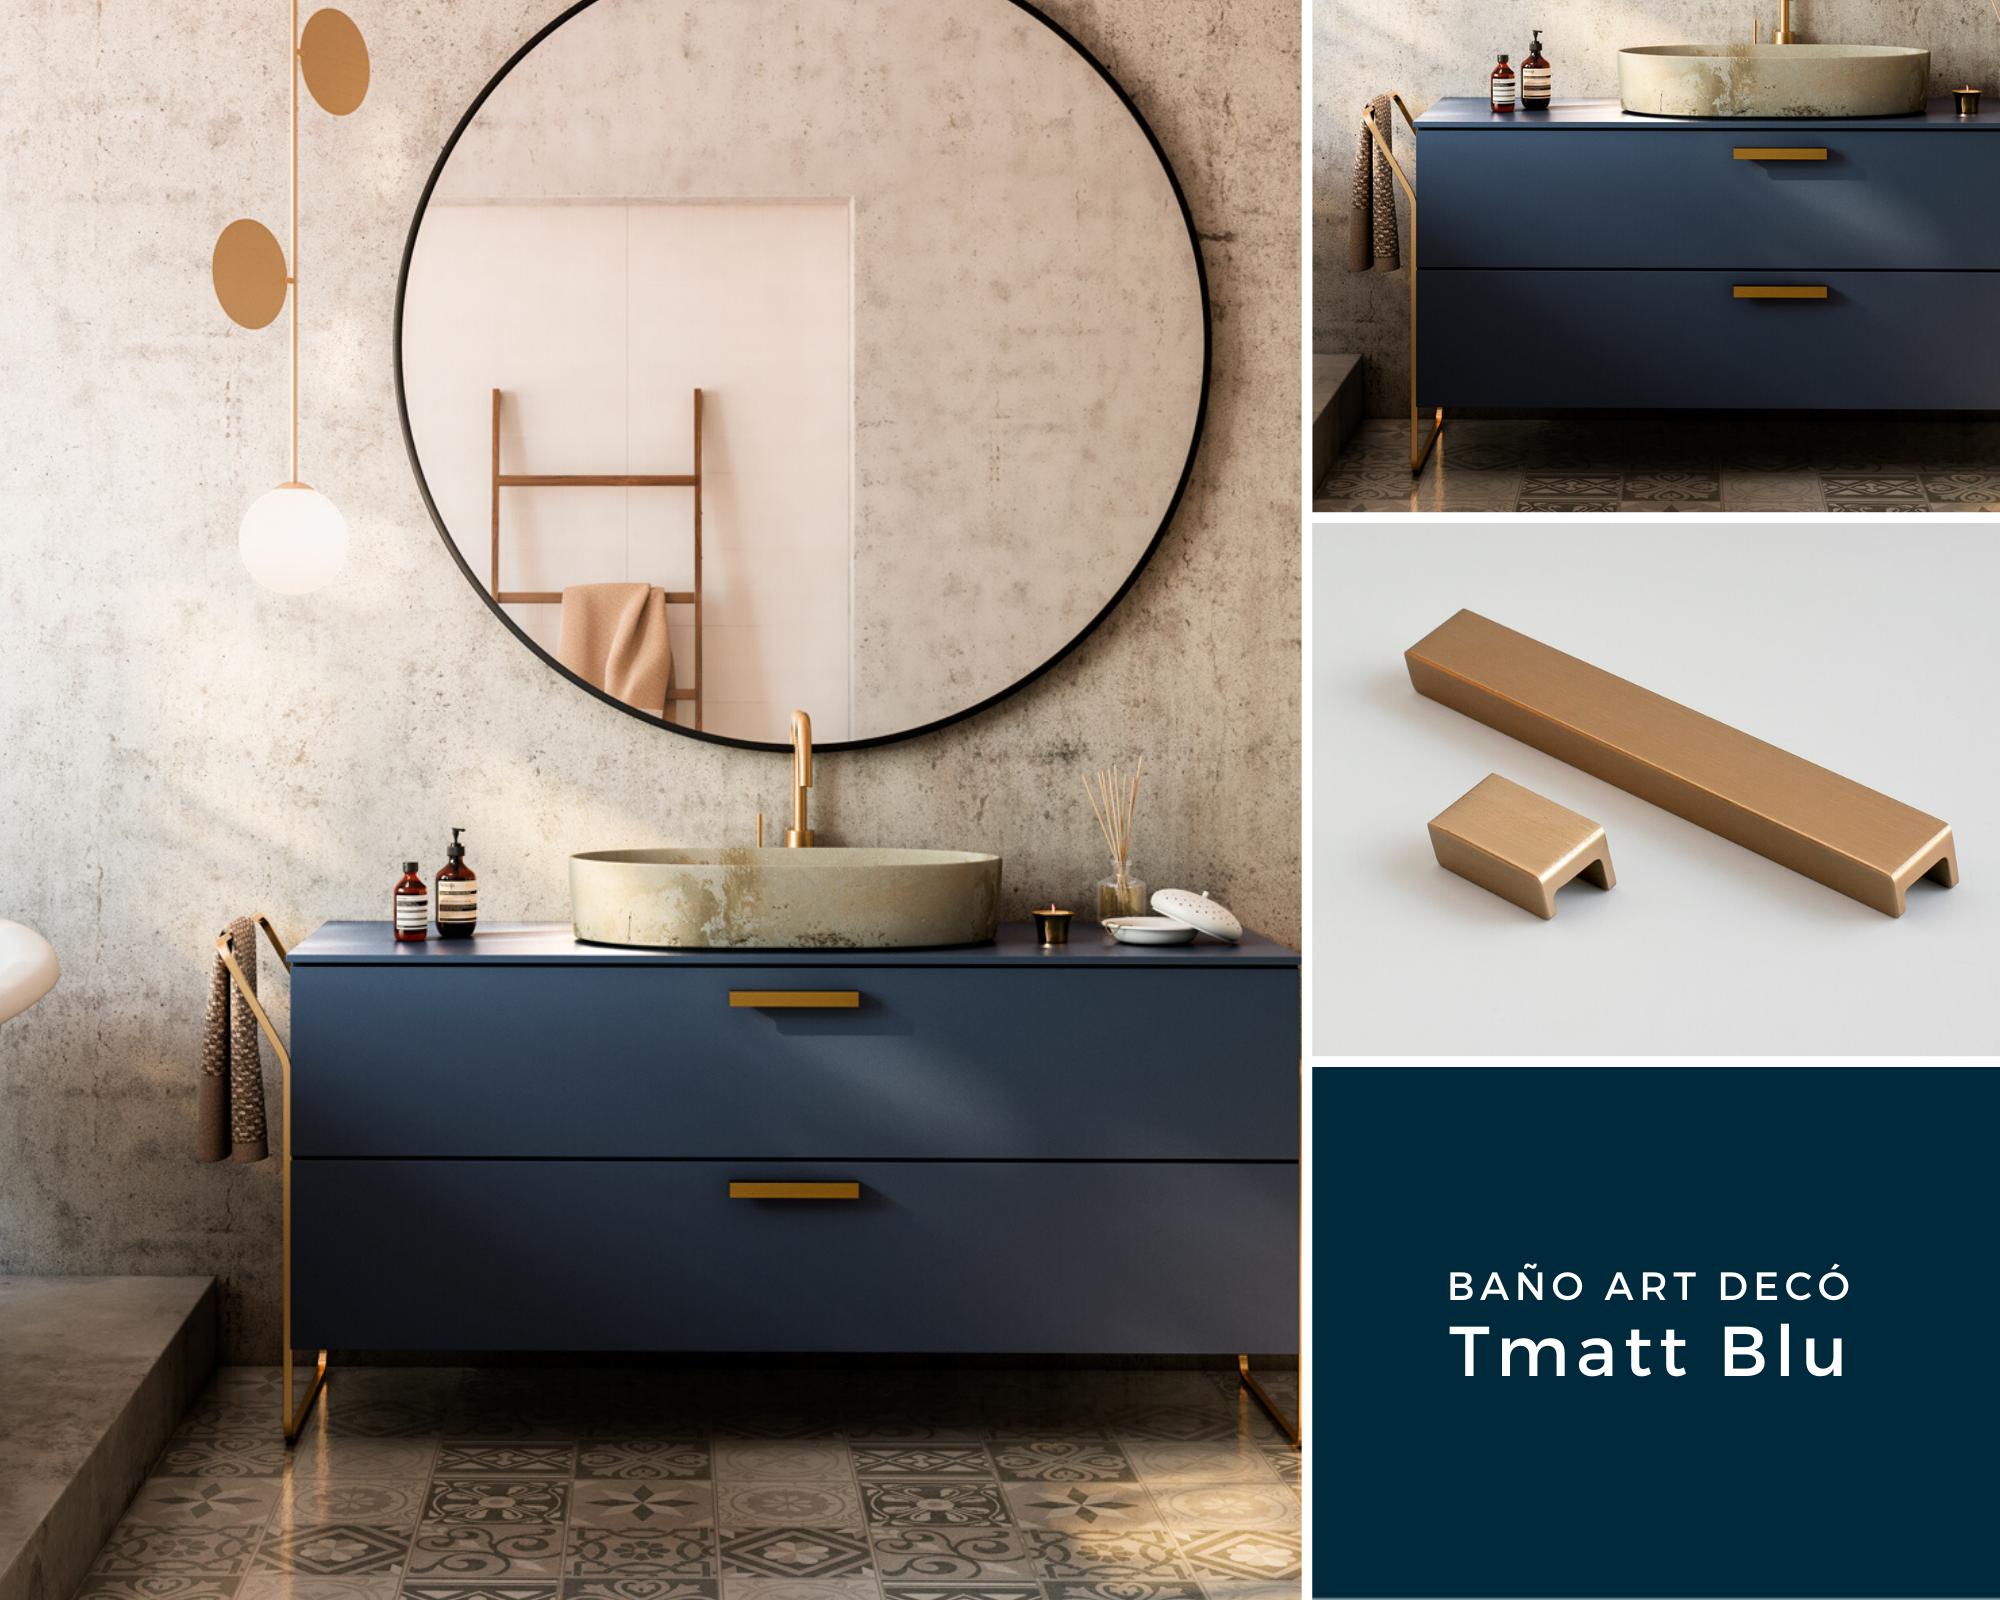 Baño Art Decó Tmatt Blu